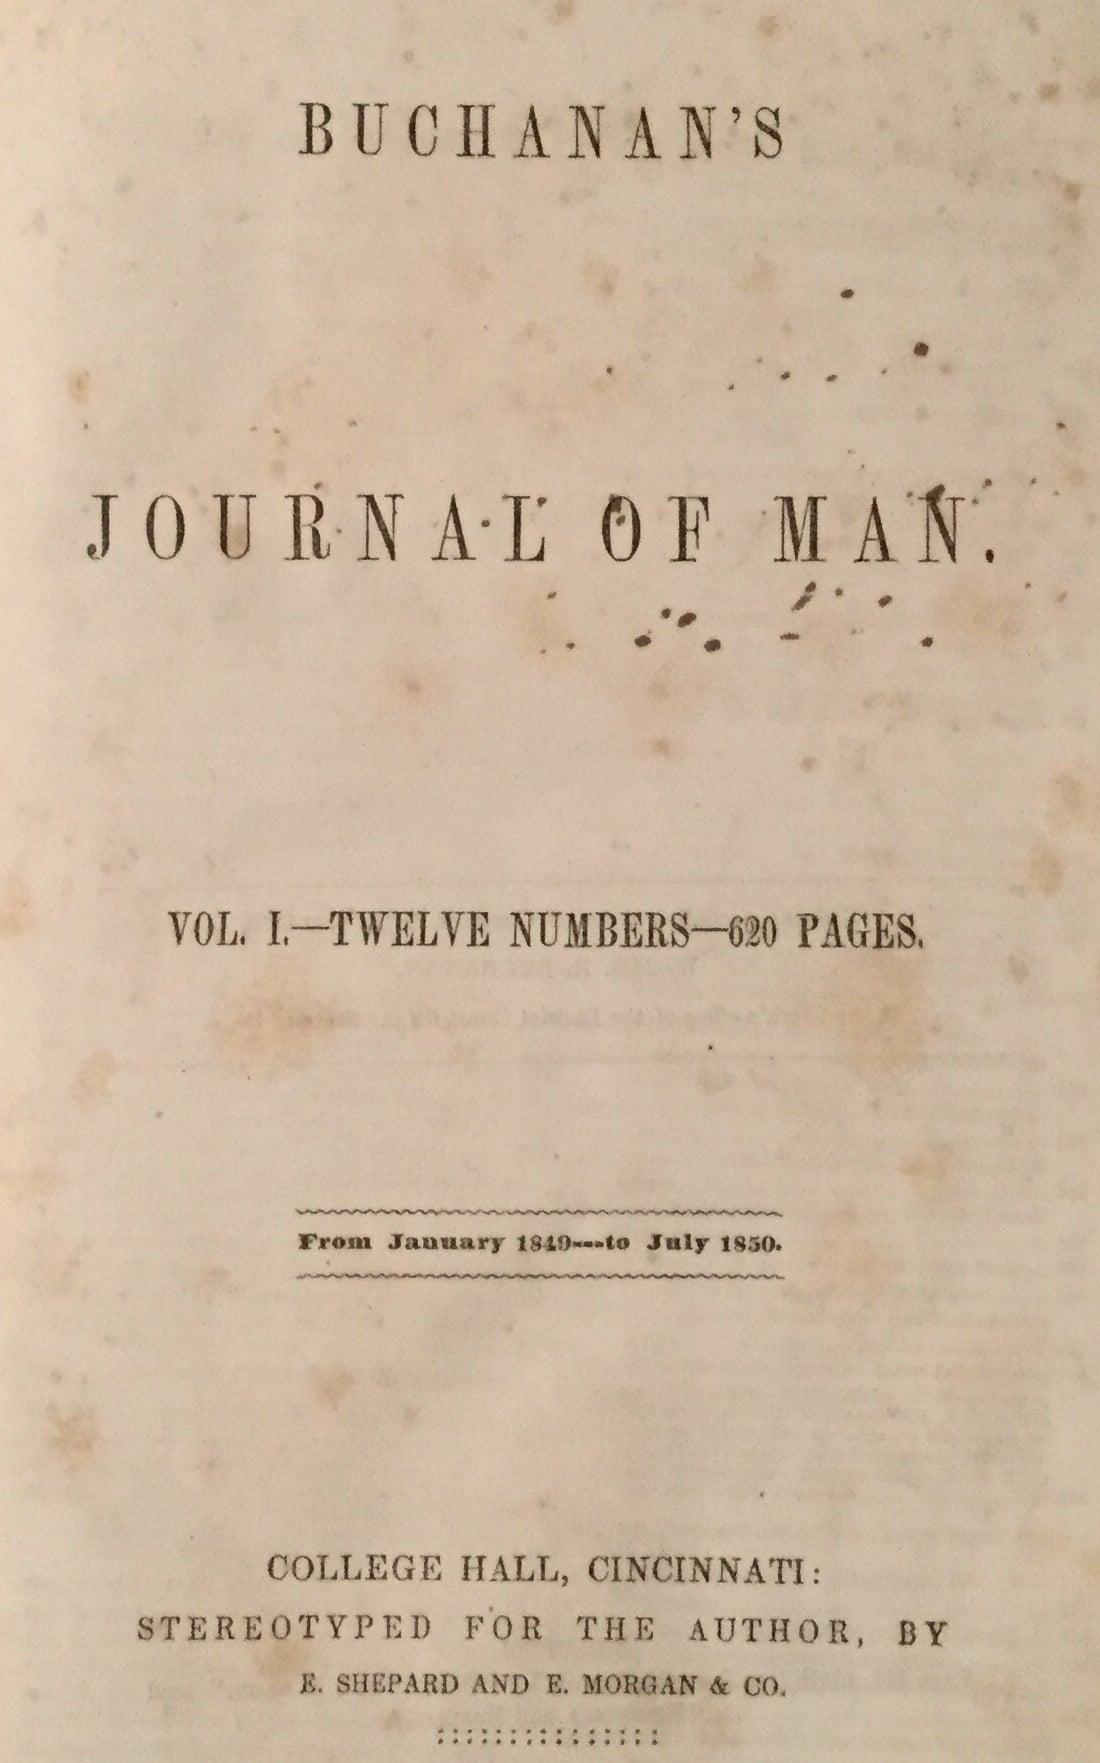 Buchanan's Journal of Man